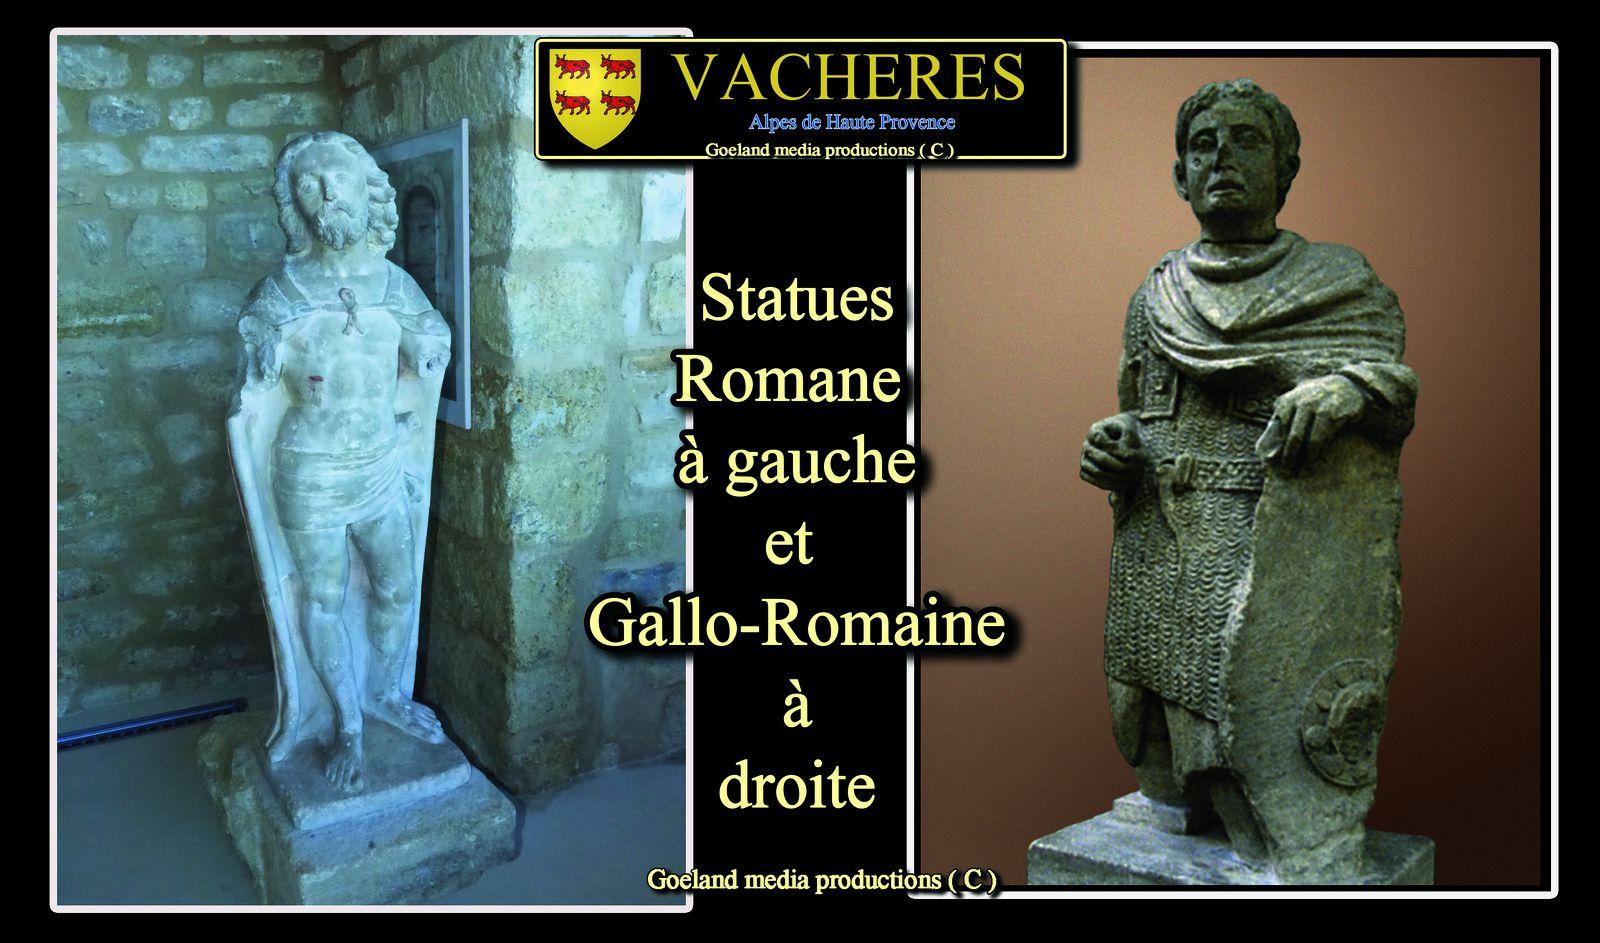 Statuaire de Vachères - luberon - haute provence - antiquité